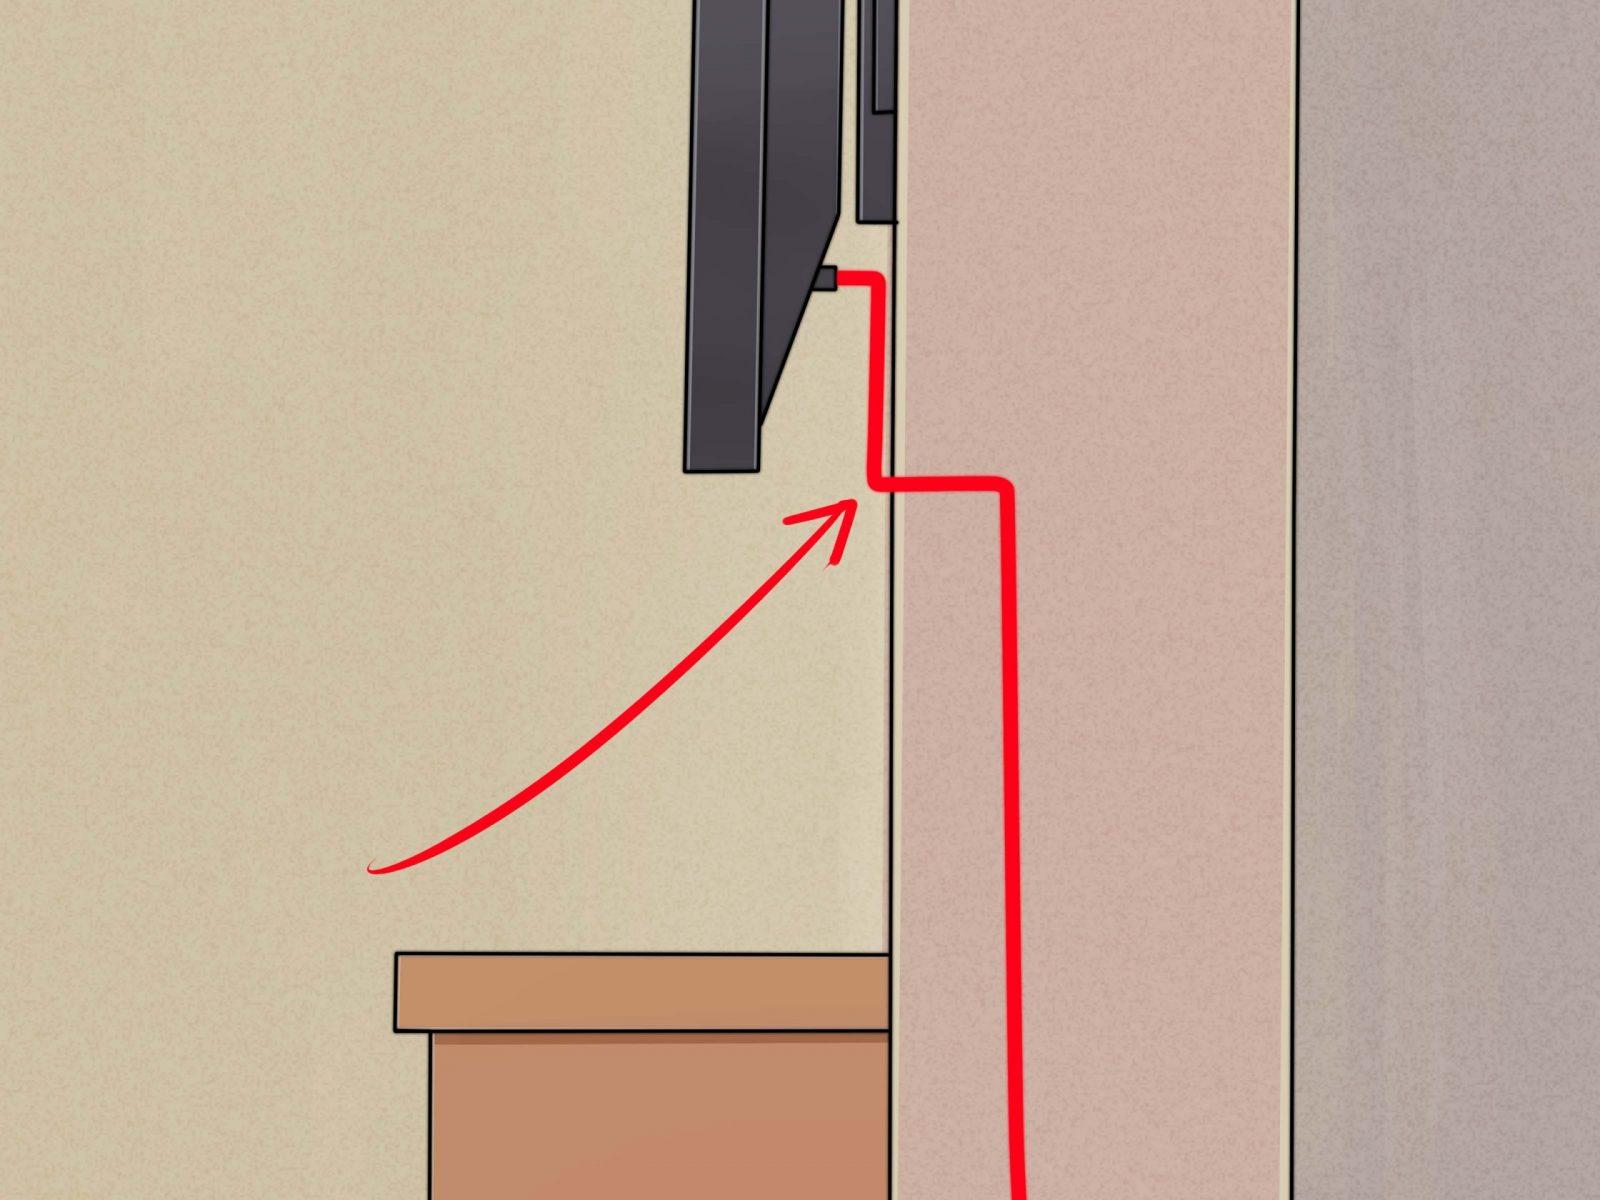 Einen Flachbildfernseher Ohne Sichtbare Kabel An Die Wand Montieren von Tv An Wand Kabel Verstecken Bild